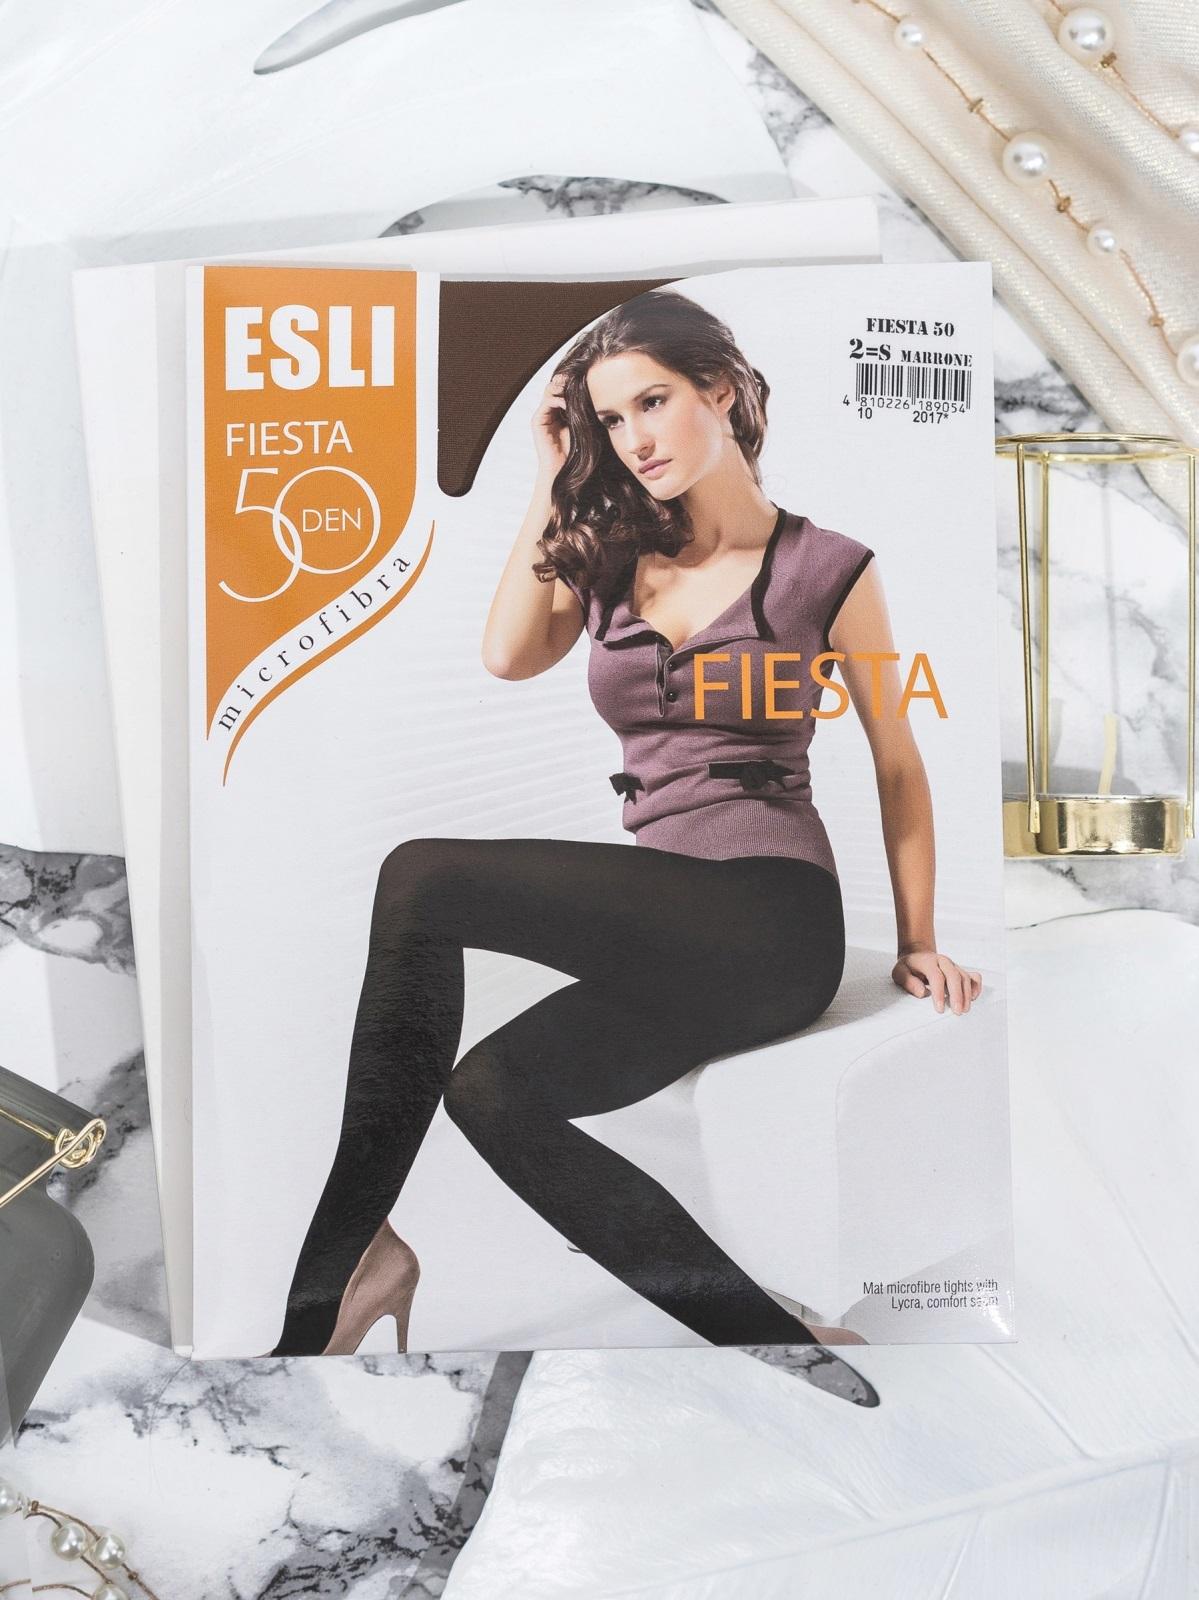 Коричневые колготки Esli Fiesta 50 den 43454, фото 1